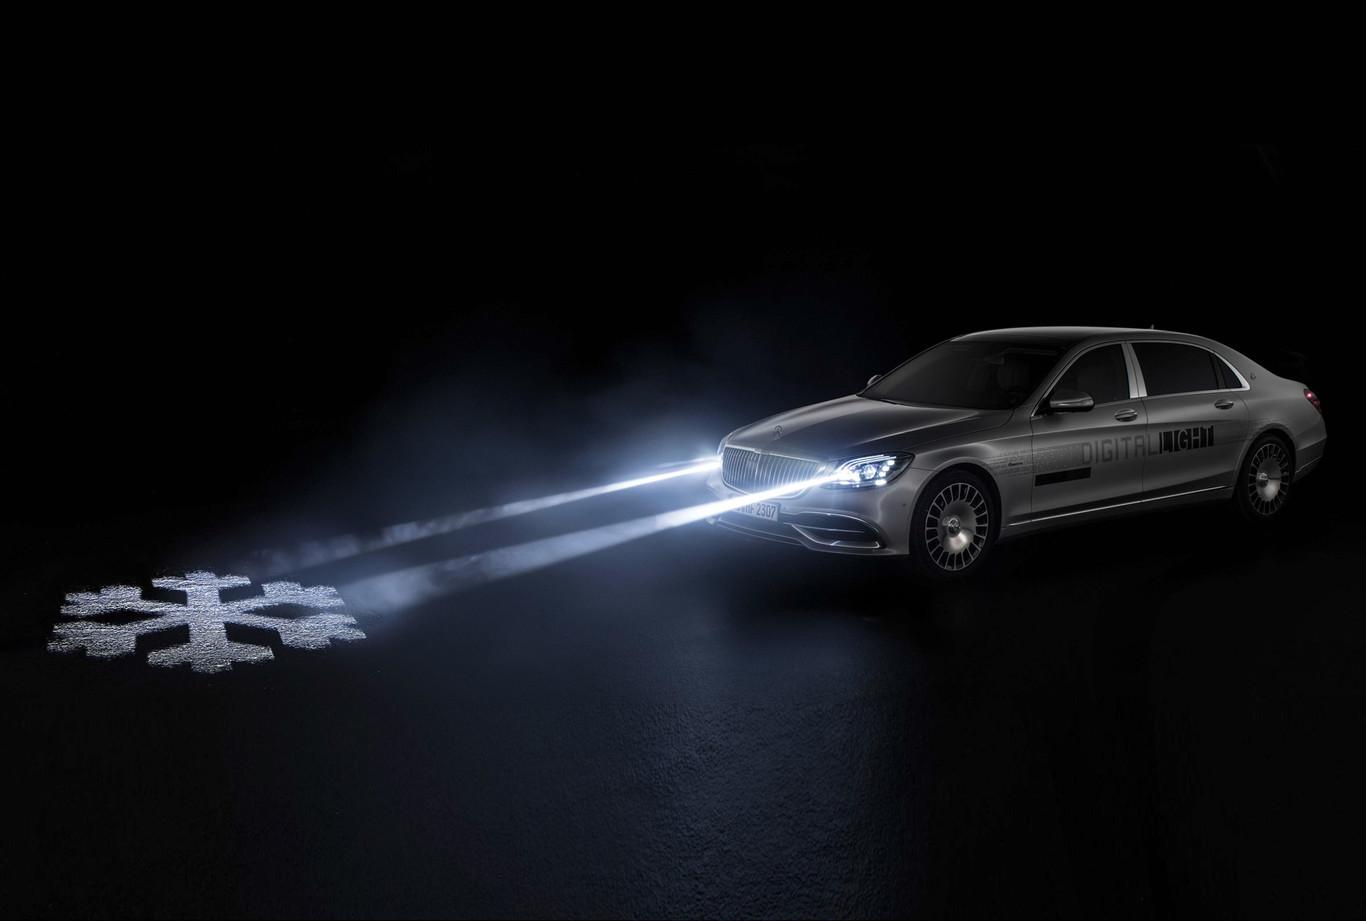 Ya están aquí los faros digitales de Mercedes-Benz: dos millón de píxeles de resolución para mostrar mensajes en la carretera